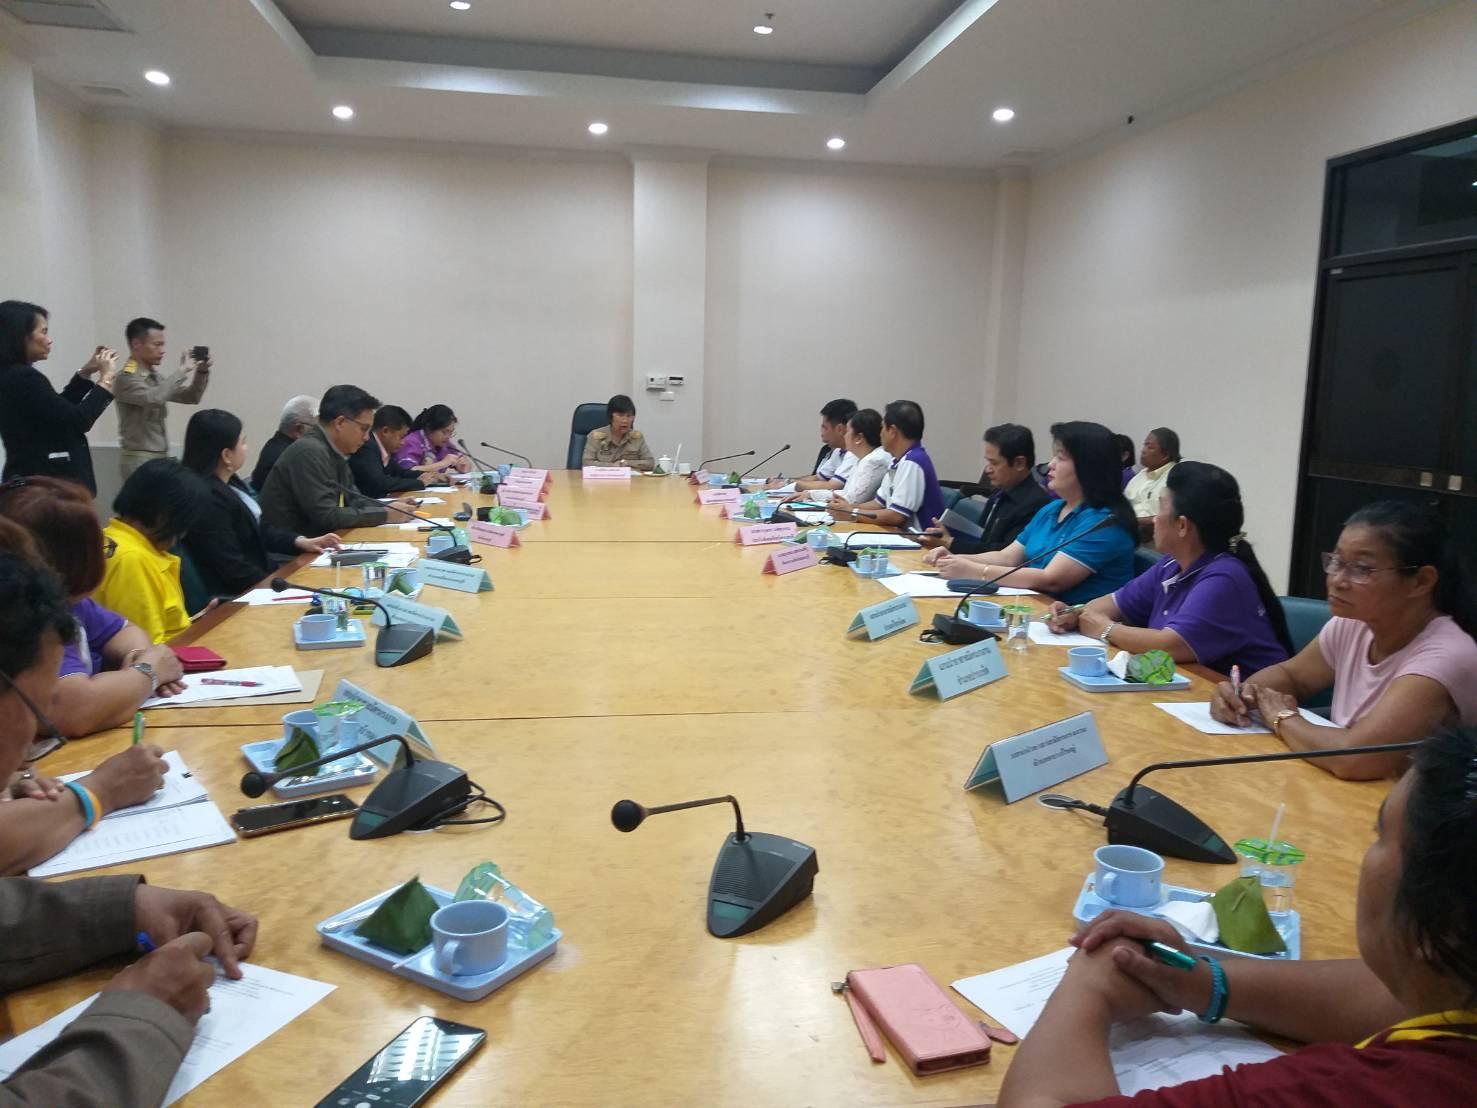 สำนักงานแรงงานจังหวัดนนทบุรีจัดประชุมคณะกรรมการศูนย์ช่วยเหลือผู้ประสบความเดือดร้อนด้านอาชีพ กระทรวงแรงงานประจำจังหวัดนนทบุรี ครั้งที่ 1/2563